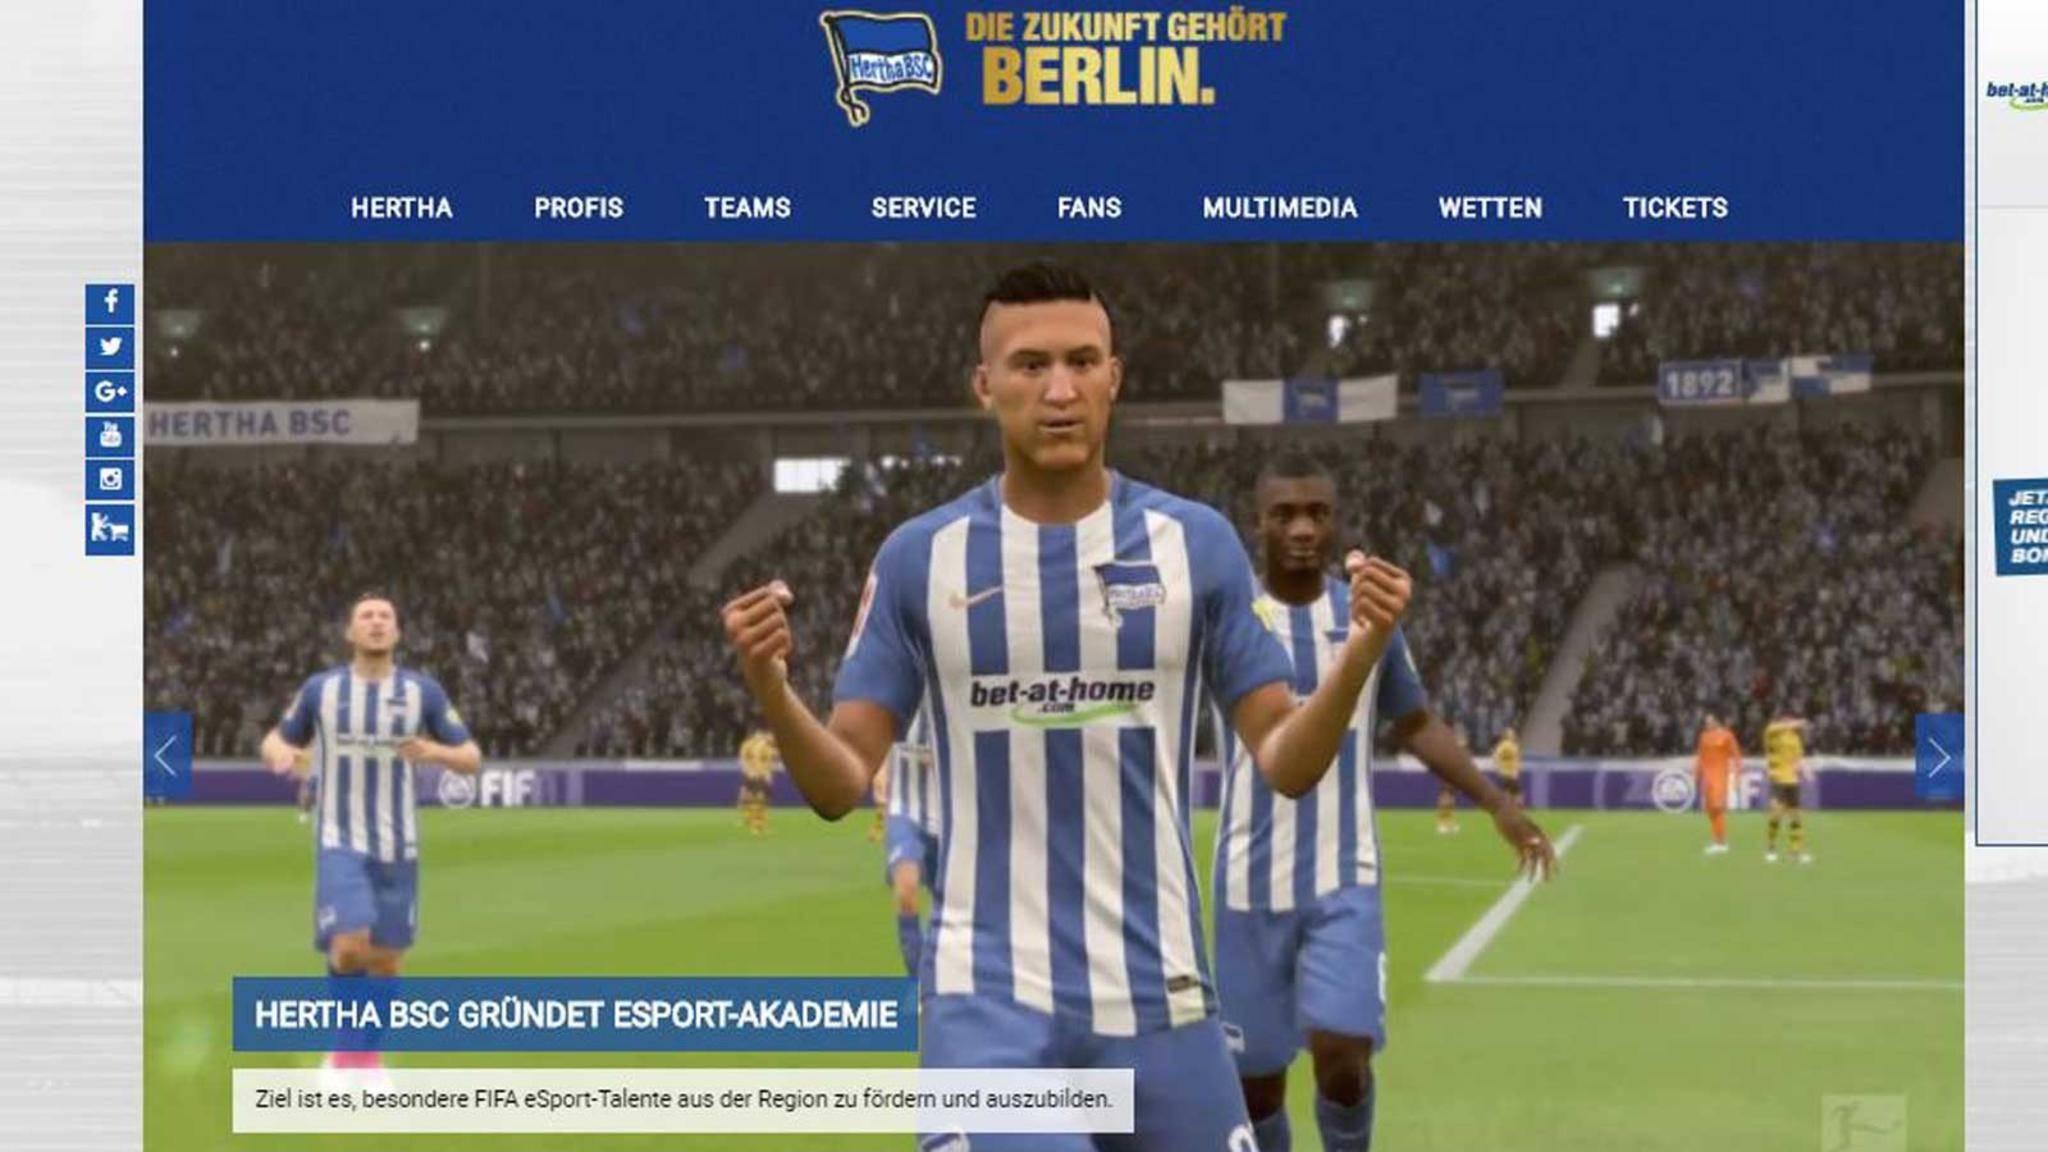 Hertha BSC sucht junge FIFA-Talente, um sie zu Profis auszubilden.